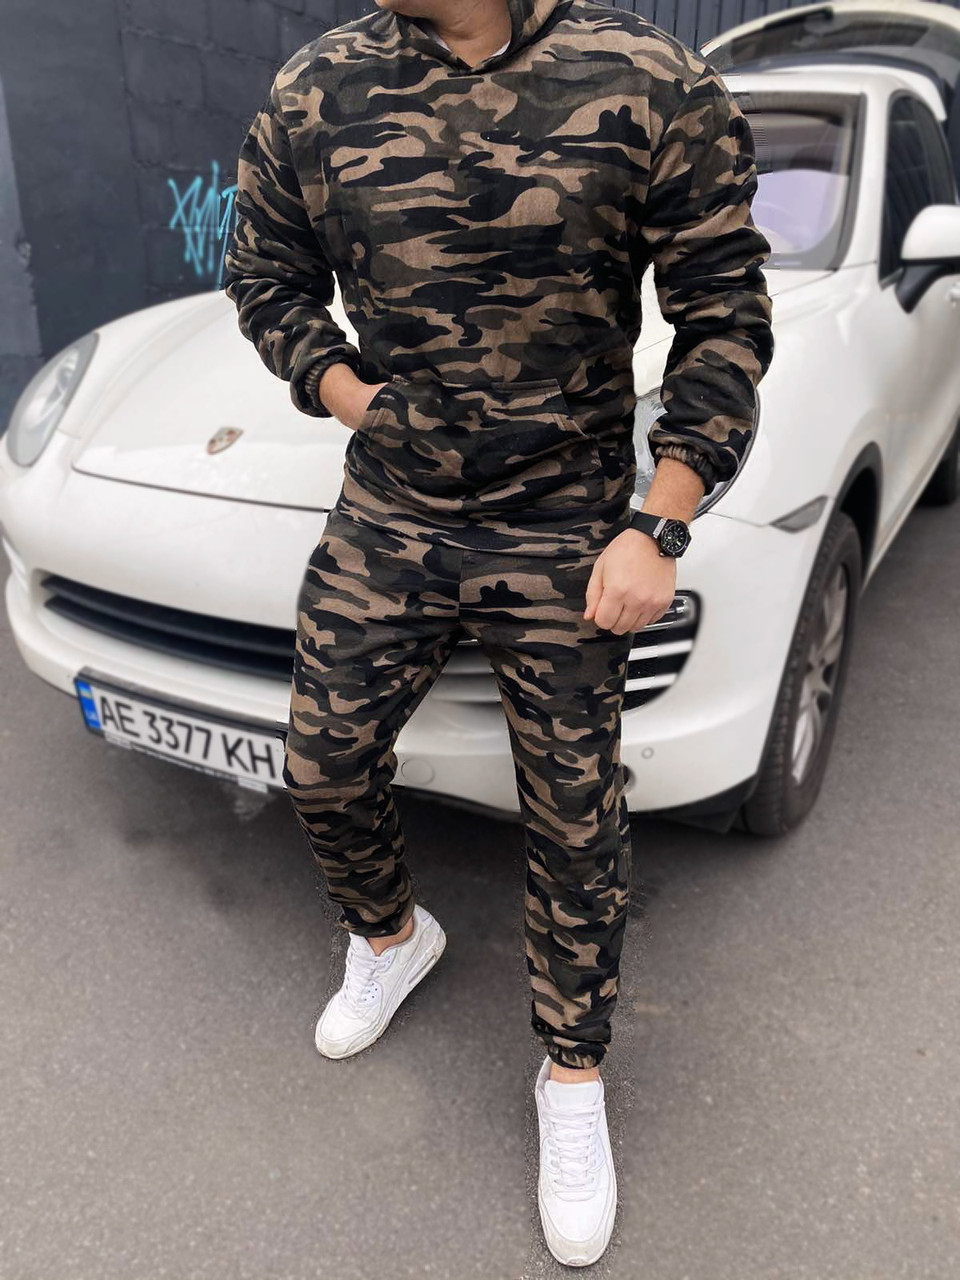 Спортивный костюм мужской камуфляж оверсайз зимний тёплый брендовый трехнитка с начесом копия реплика